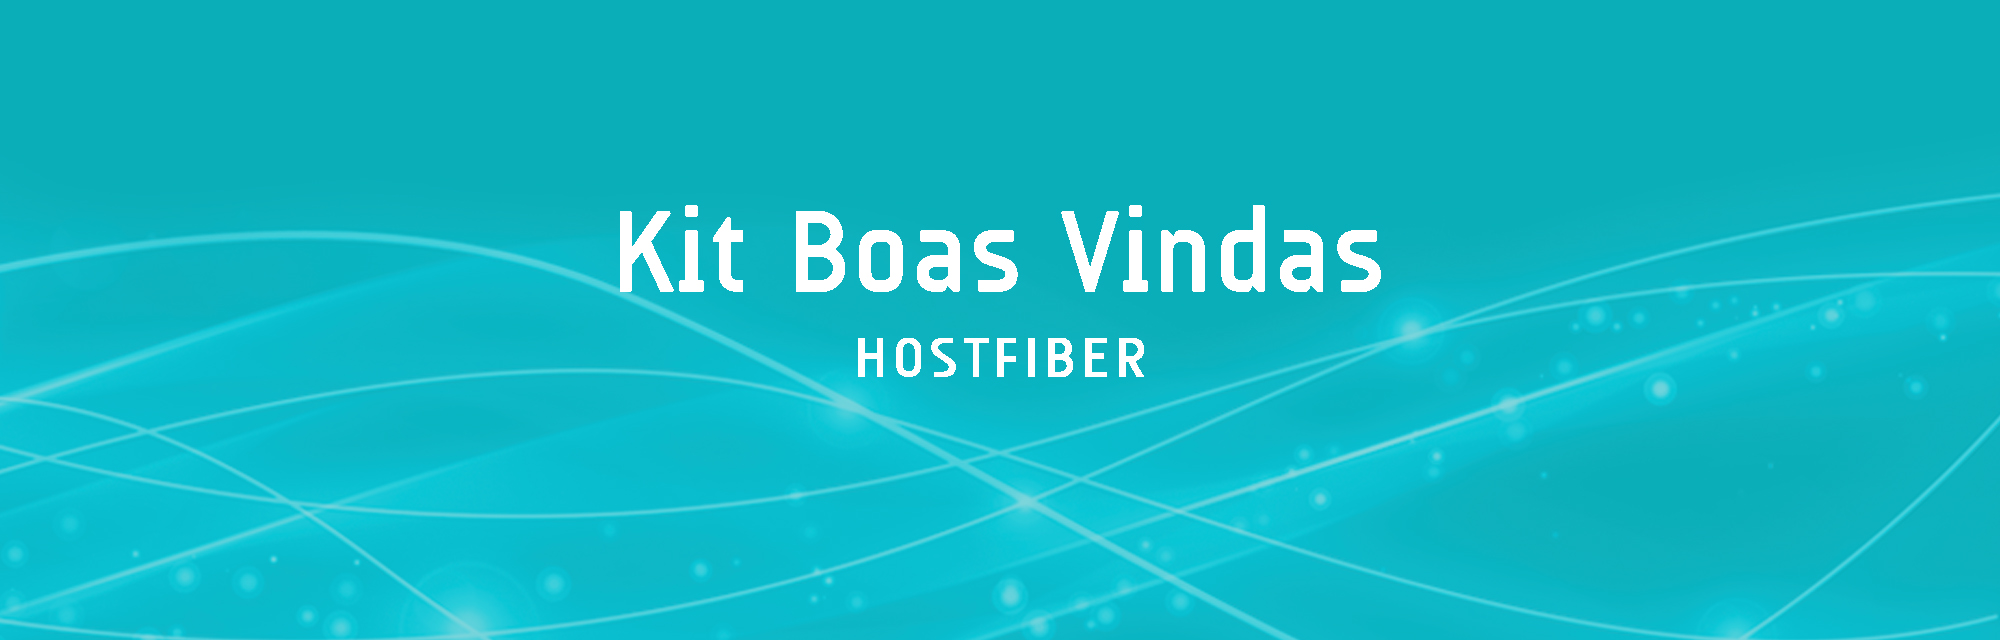 Portfolio Kit Boas Vindas